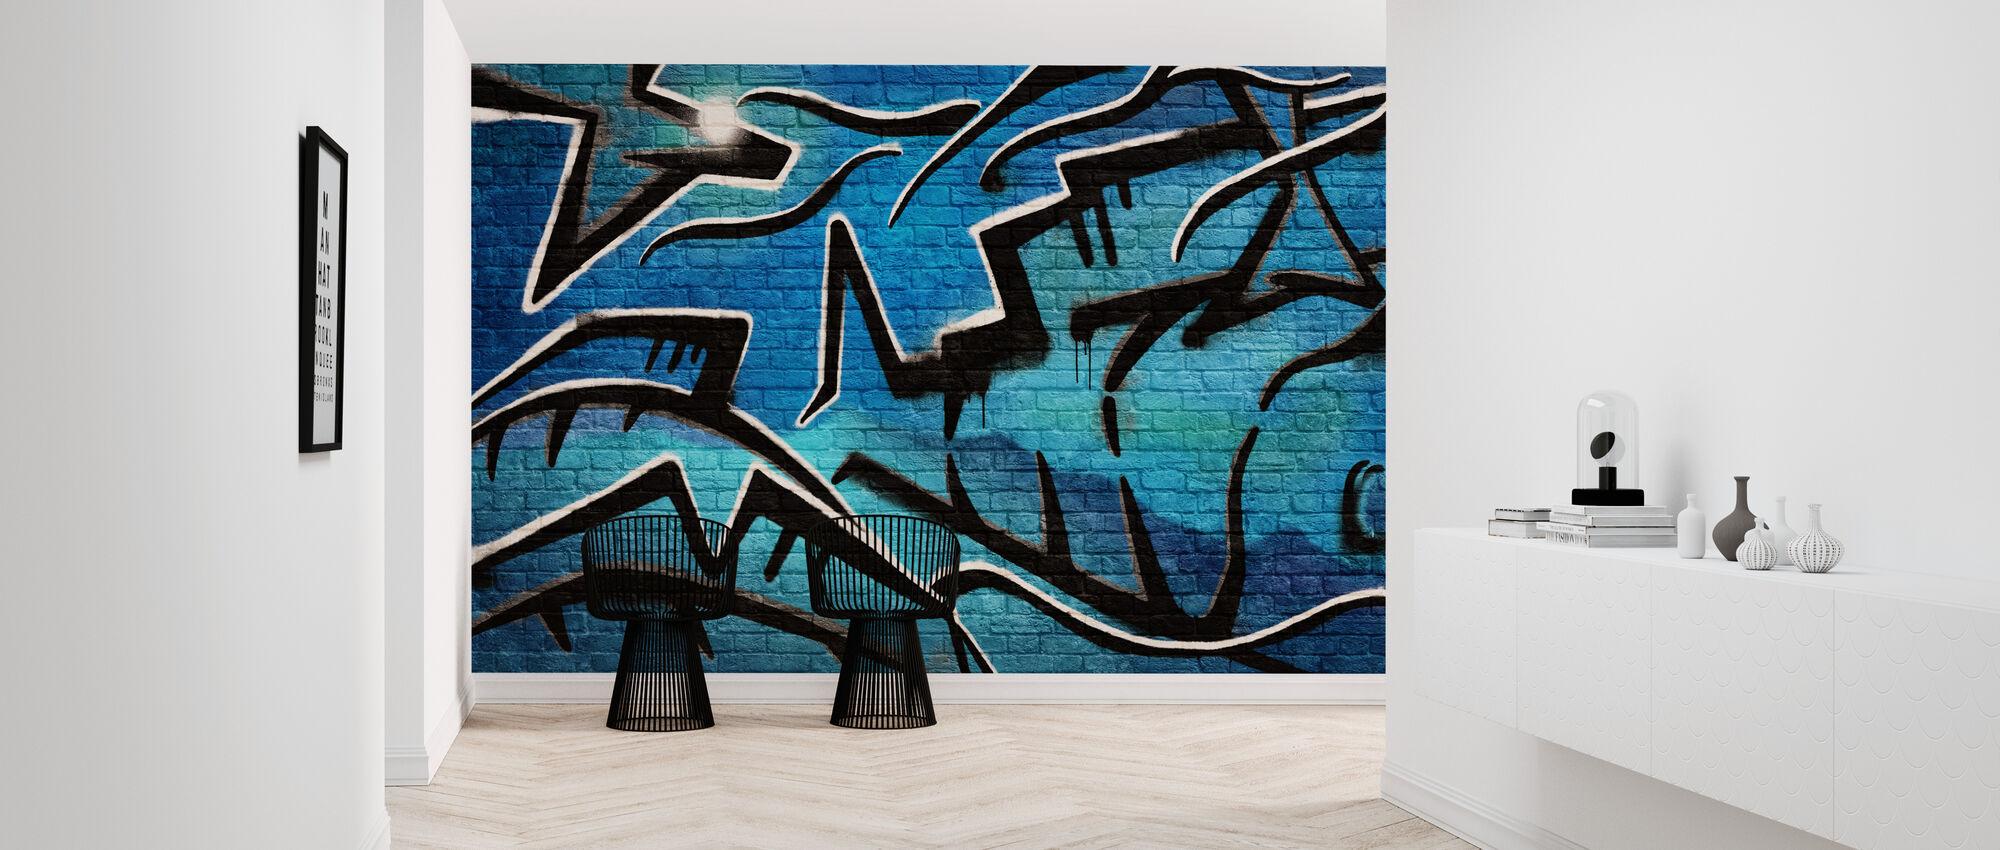 Brick Wall Graffiti - Blue - Wallpaper - Hallway